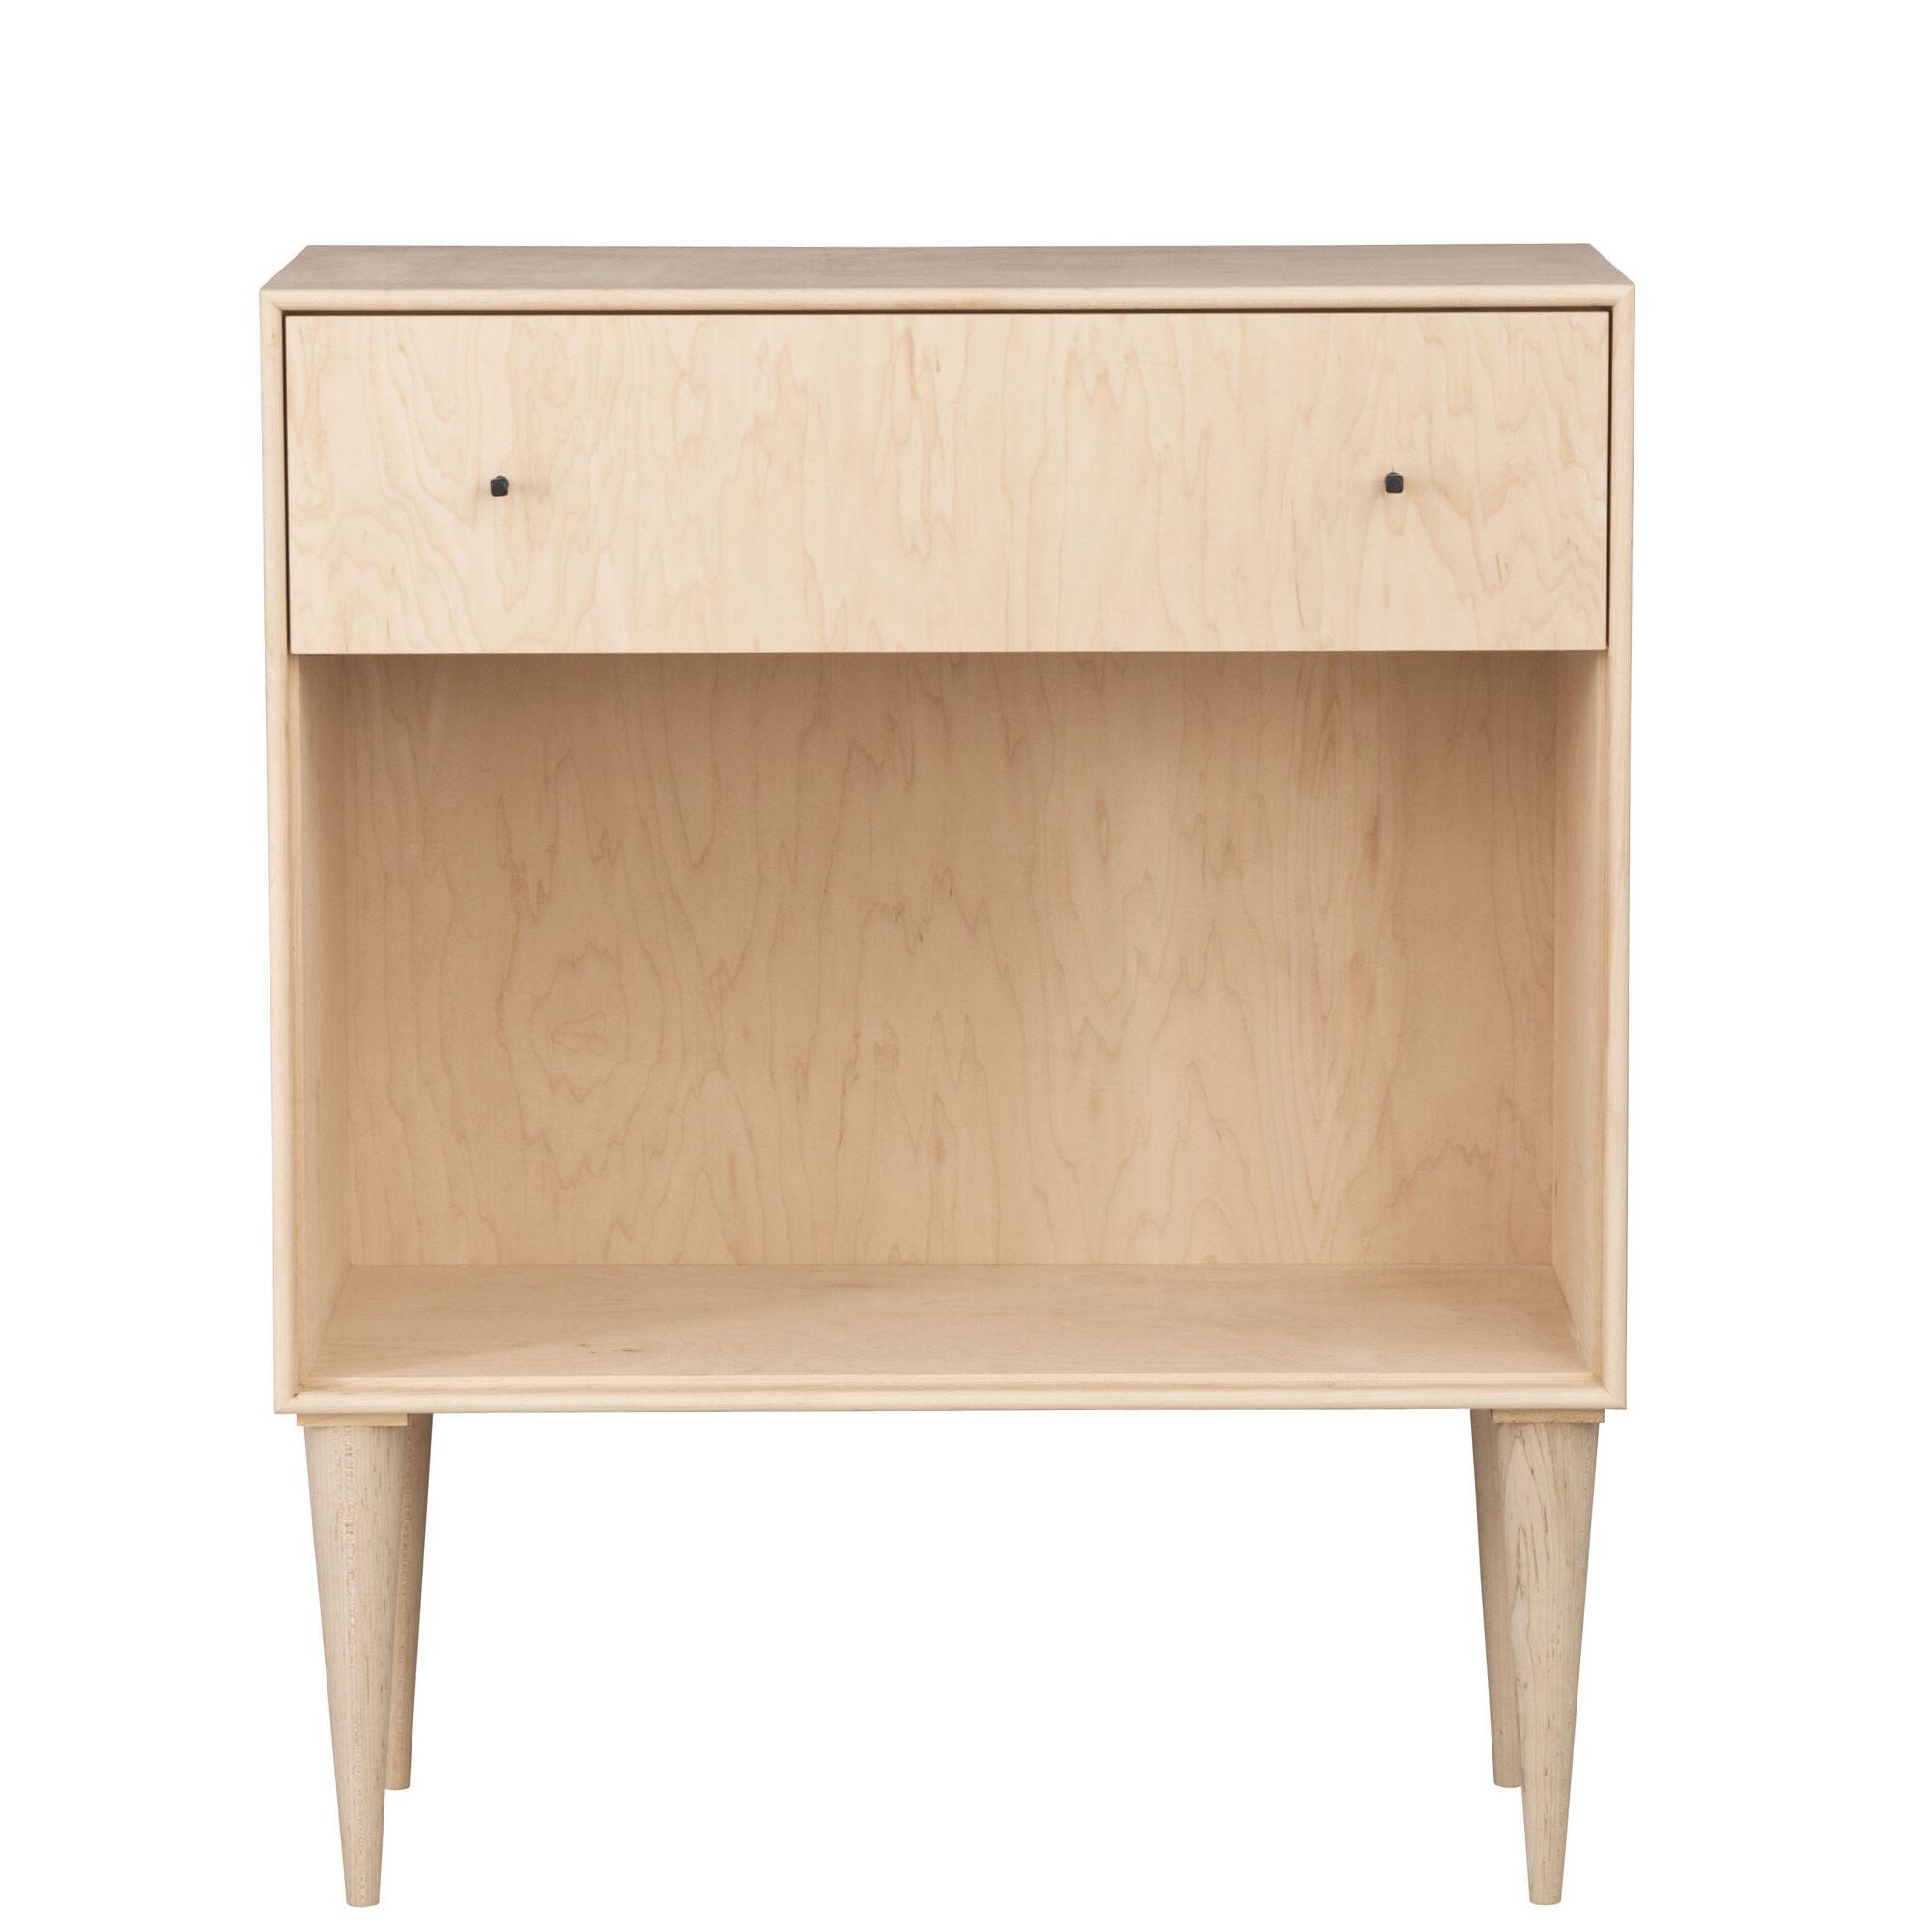 Midcentury 1 Drawer Nightstand Wood Veneer: Maple, Color: Toffee